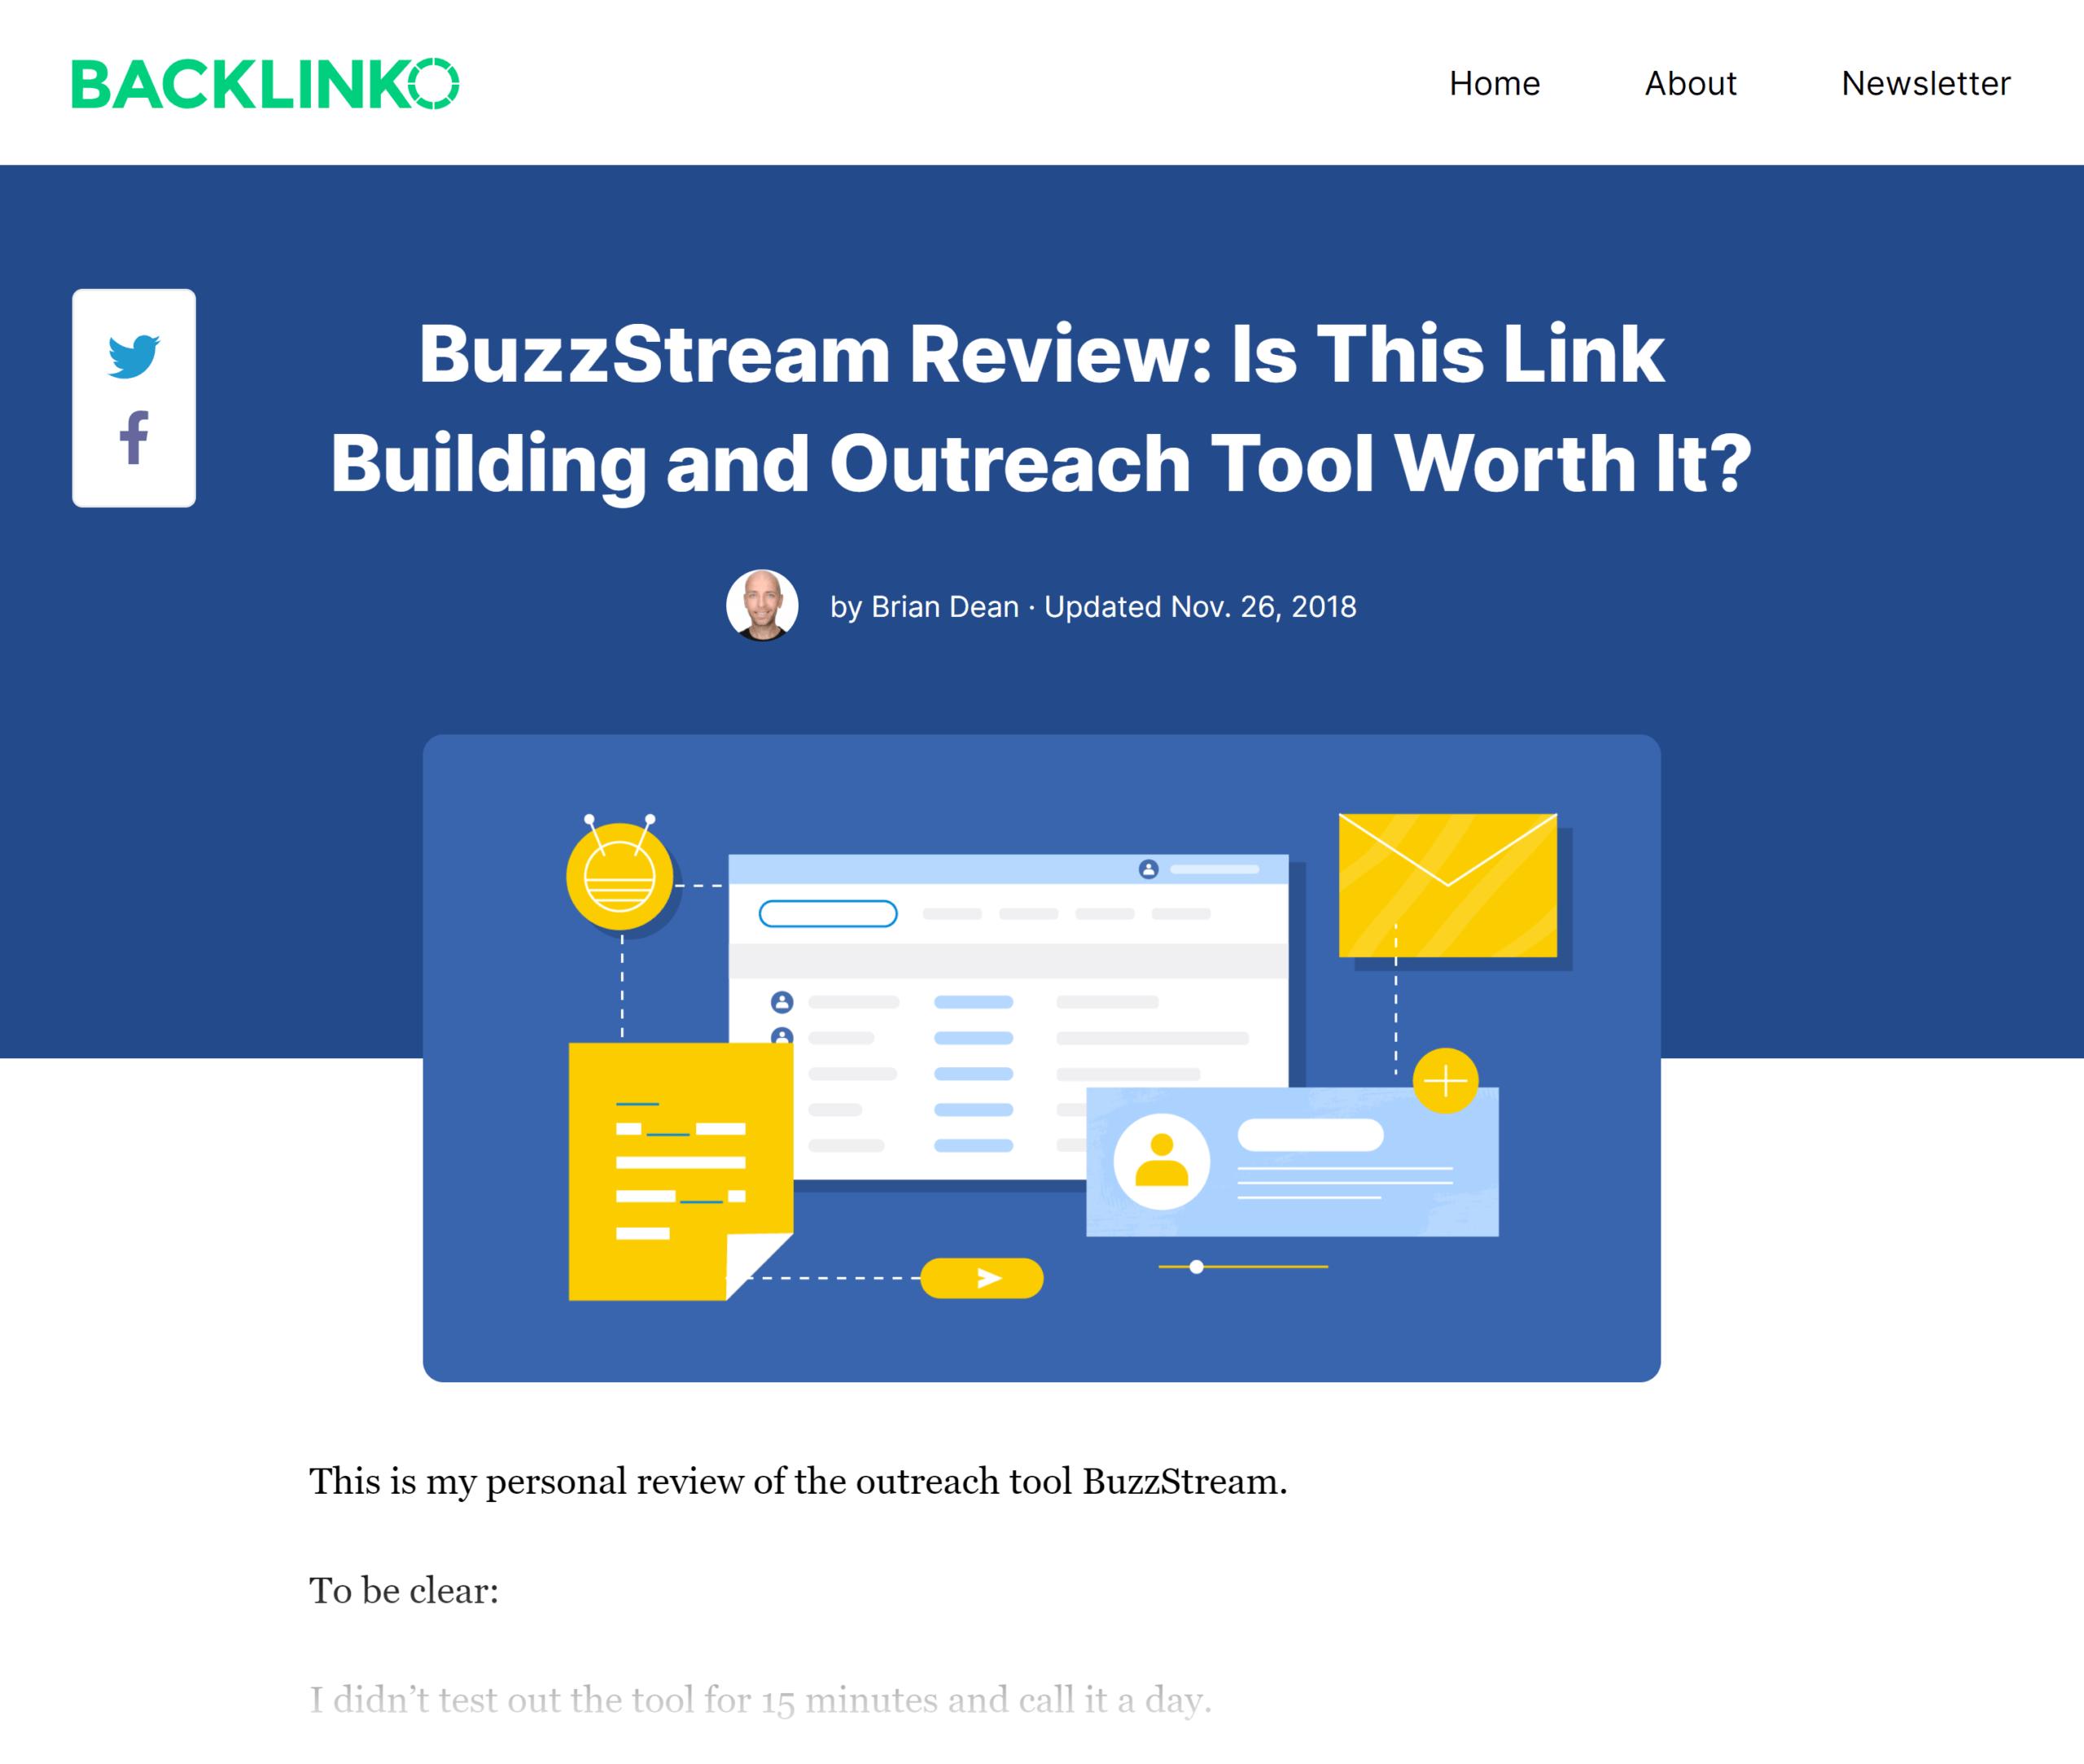 Backlinko – BuzzStream outreach